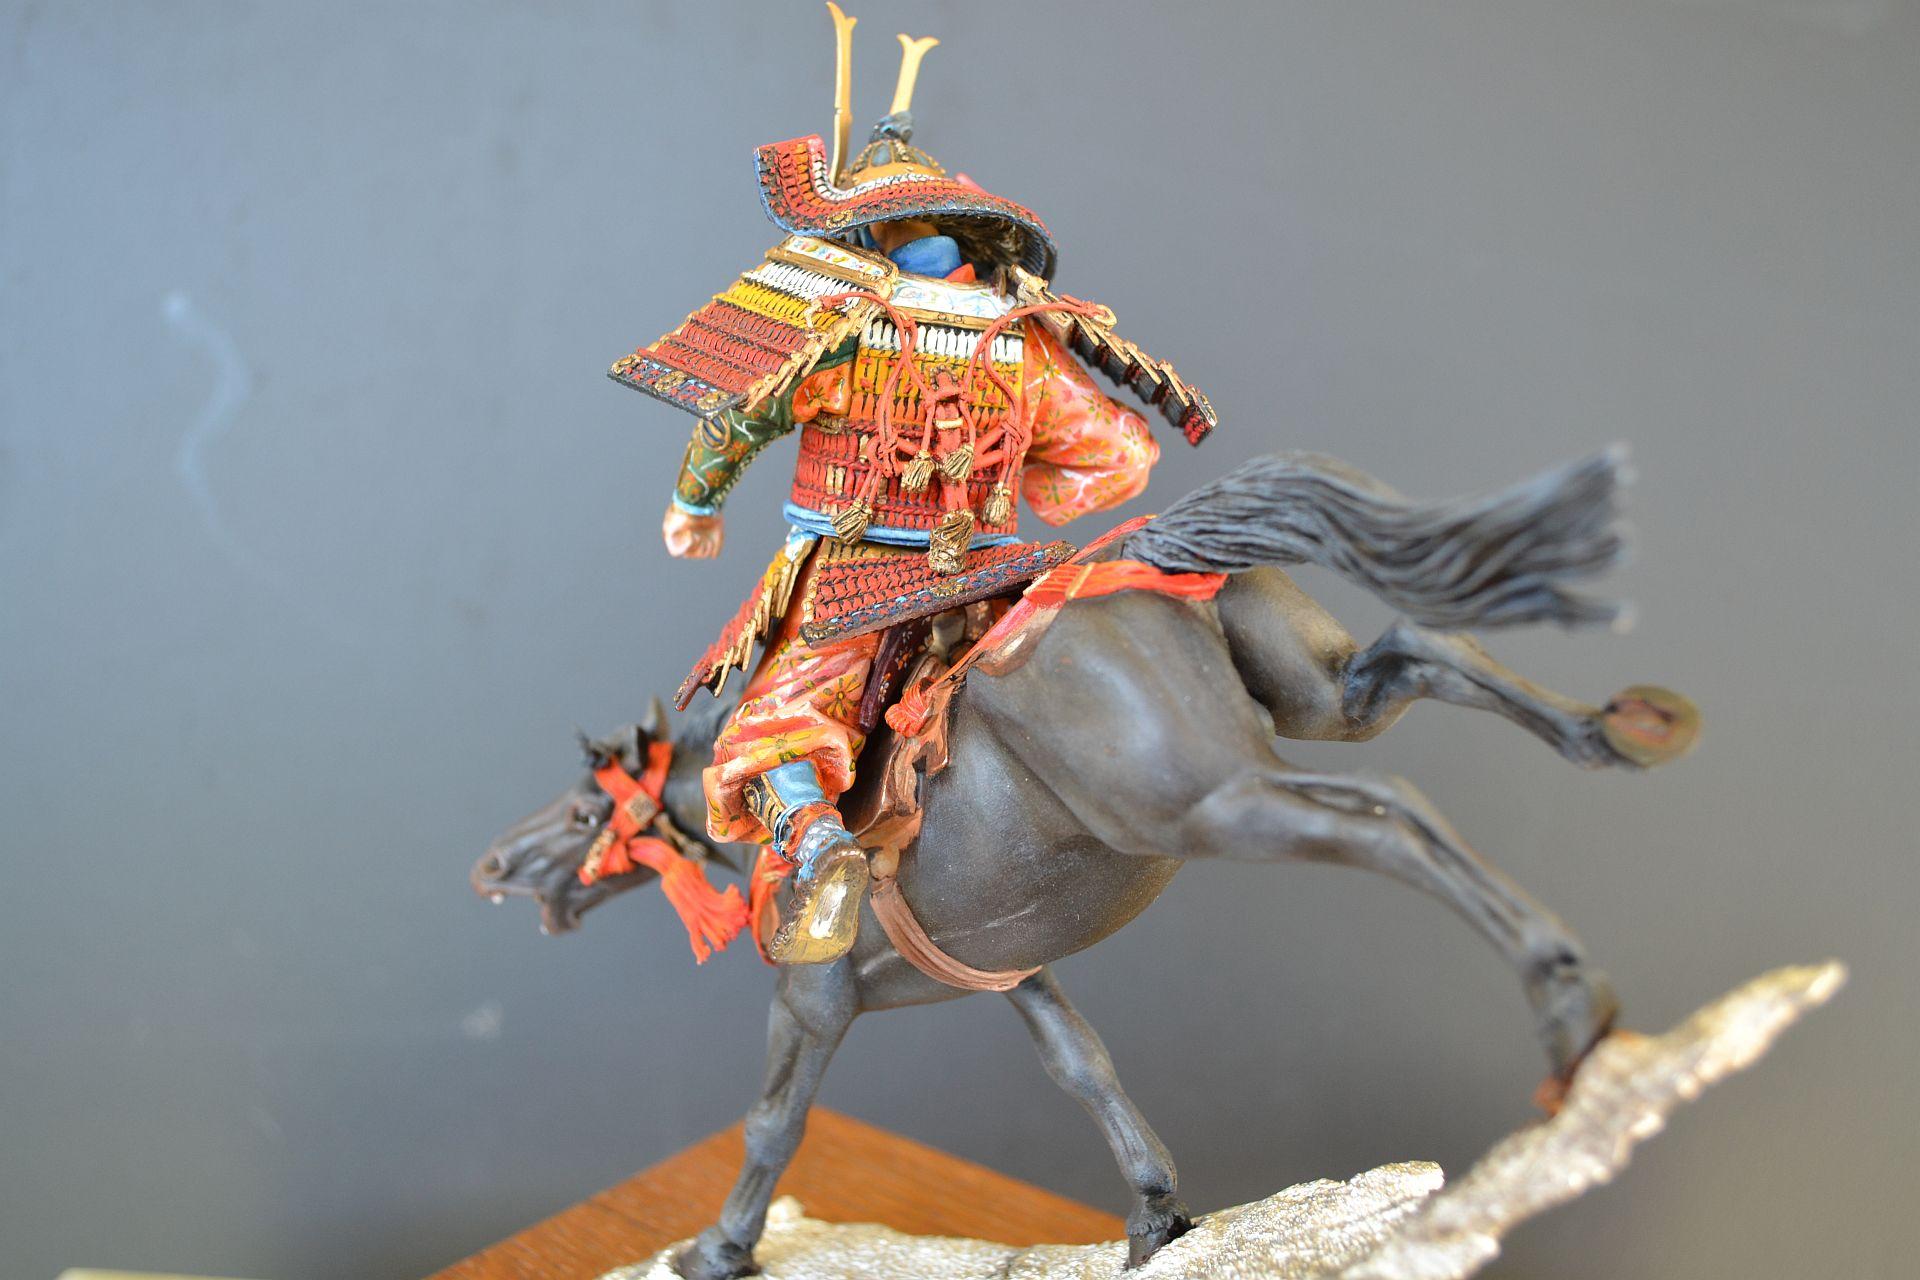 figurine pegaso - samouraï 90 mm - Page 3 160807053840845321